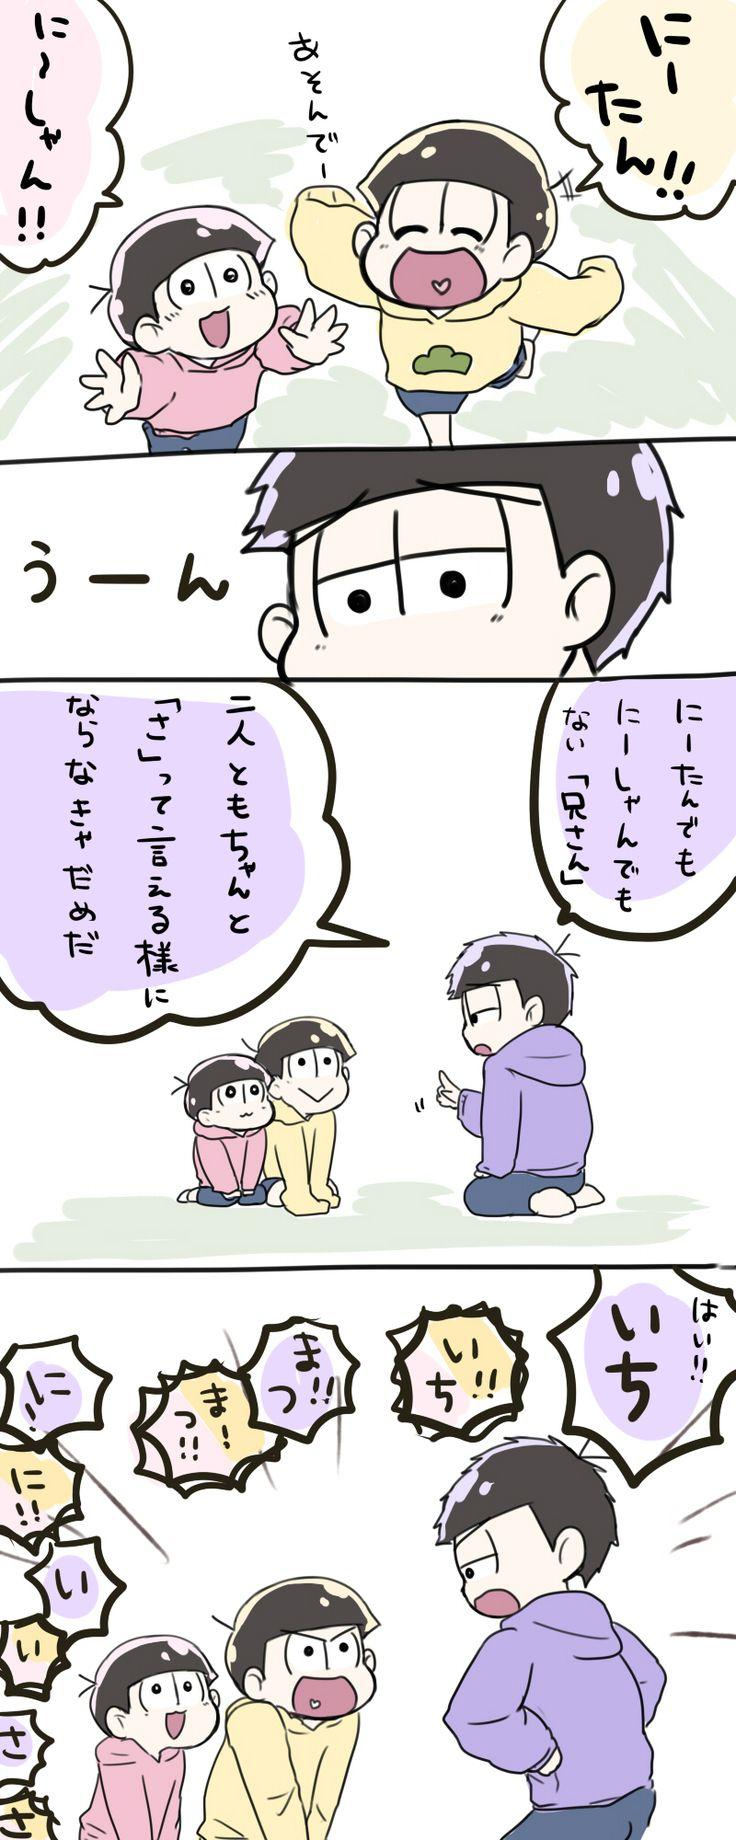 「【おそ松さん】一松兄さんが末松を調教するお話+log詰め」/「さくらめい」の漫画 [pixiv]